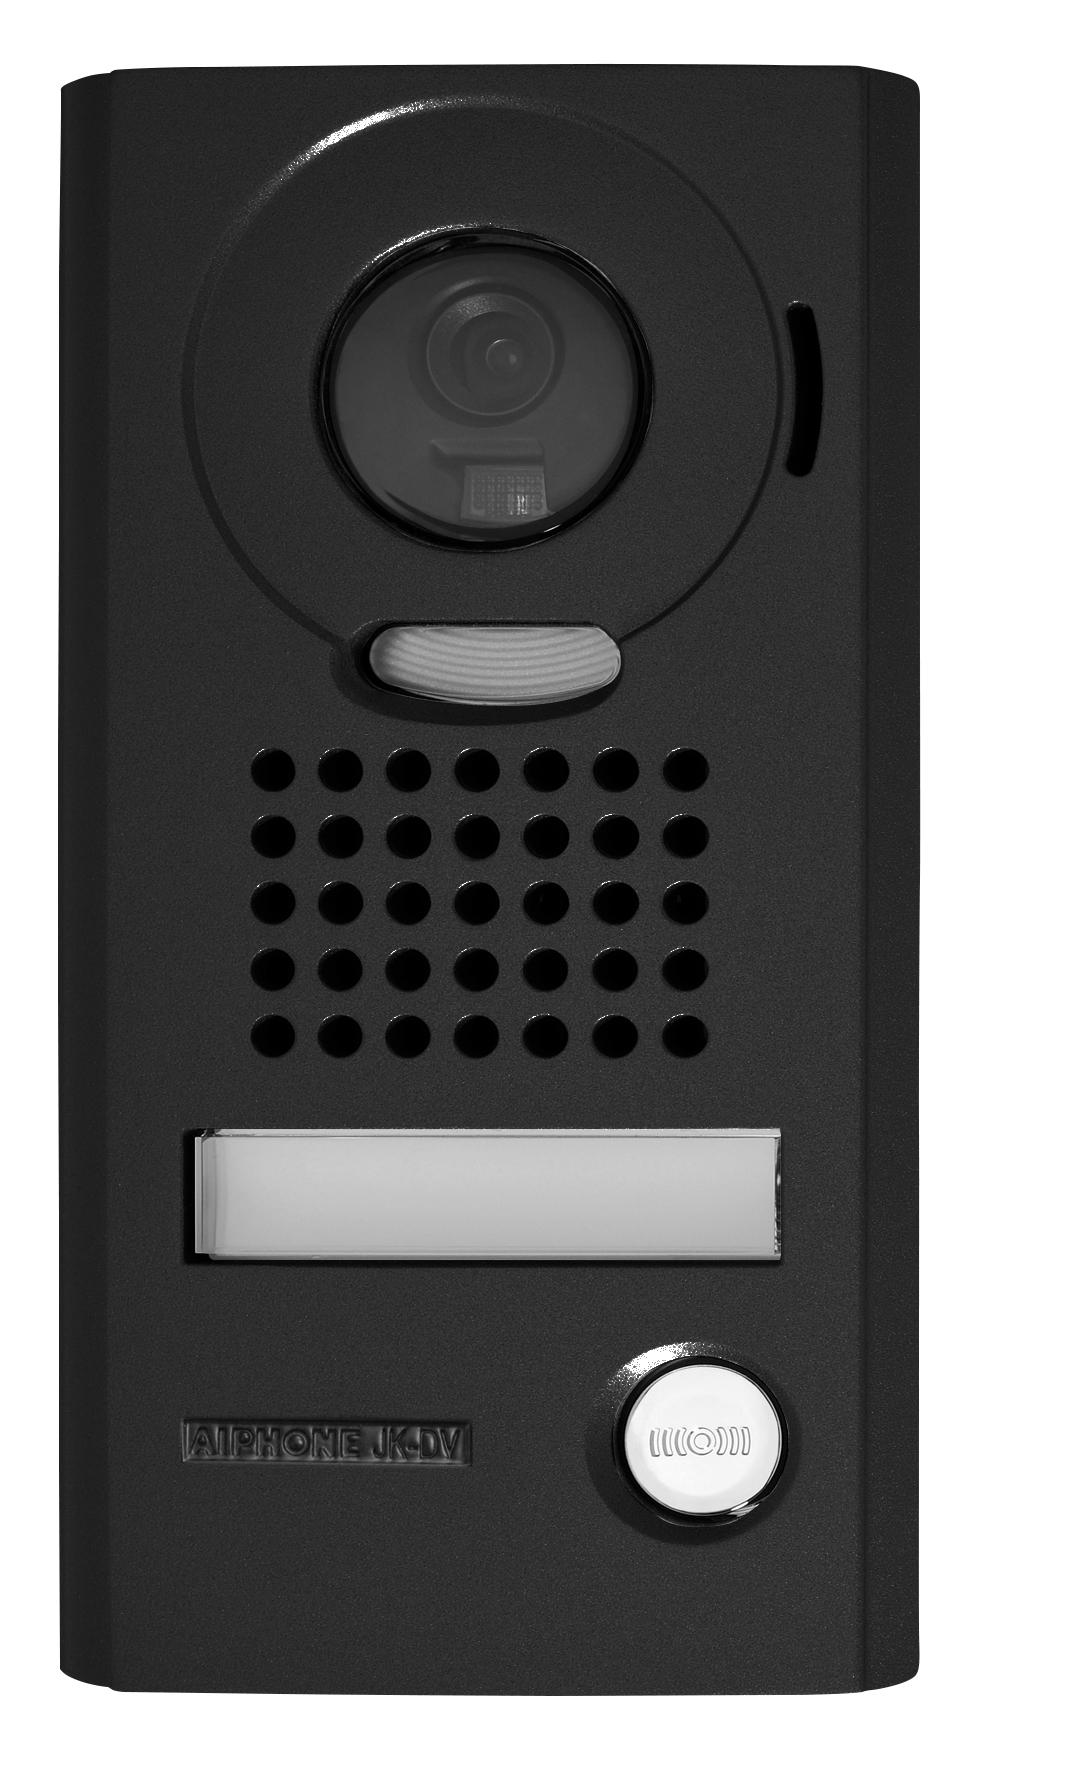 Zwarte ombouw video deurintercom